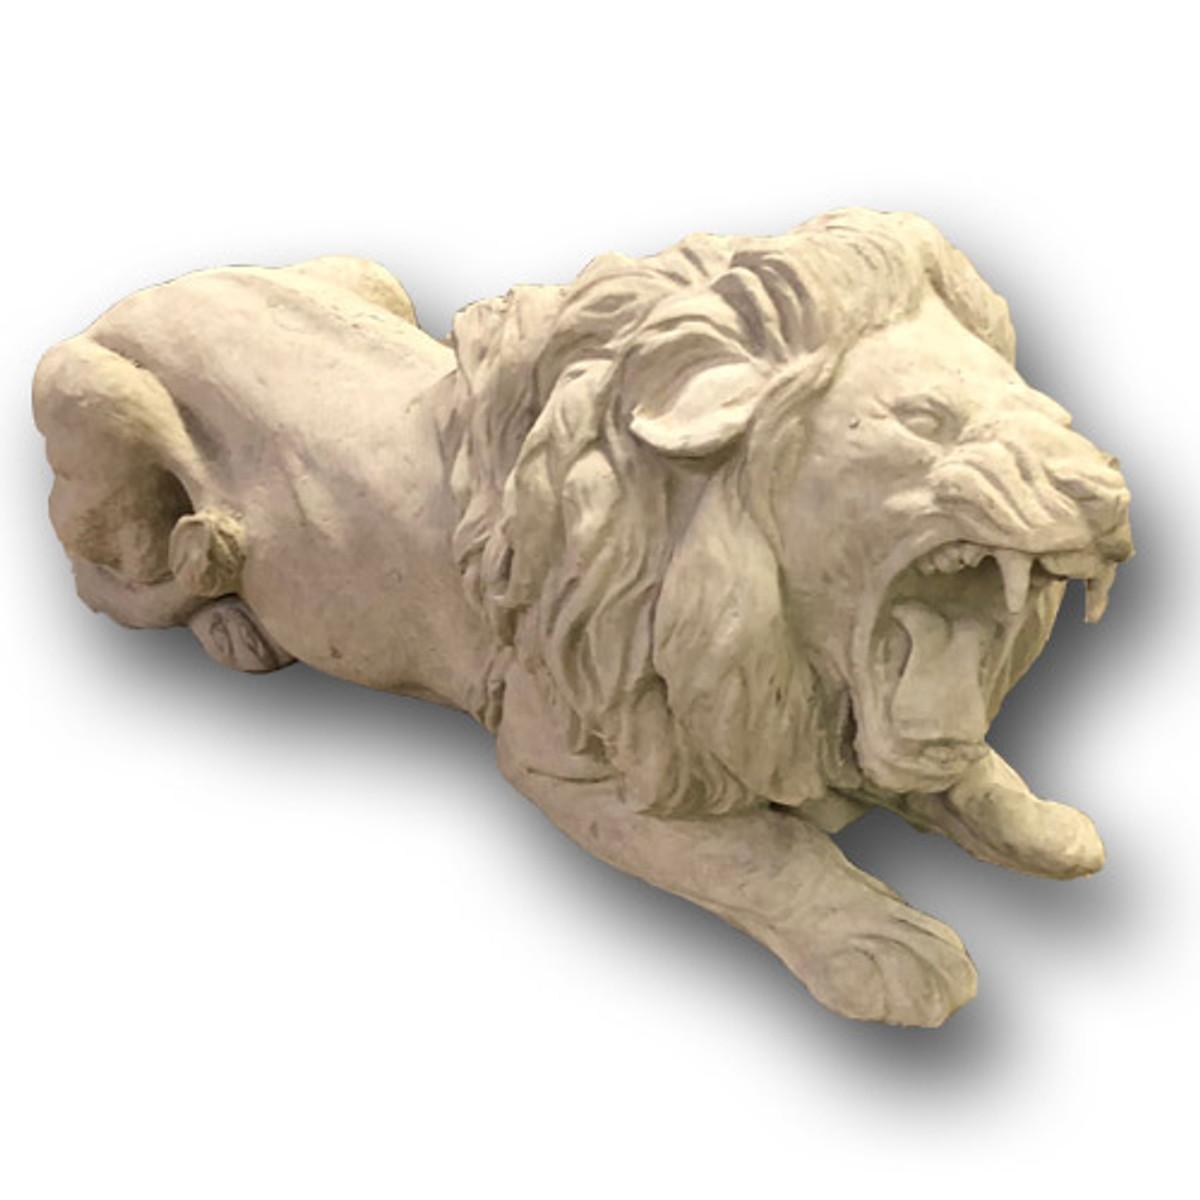 Cast Large Stone Roaring Lion Sculpture